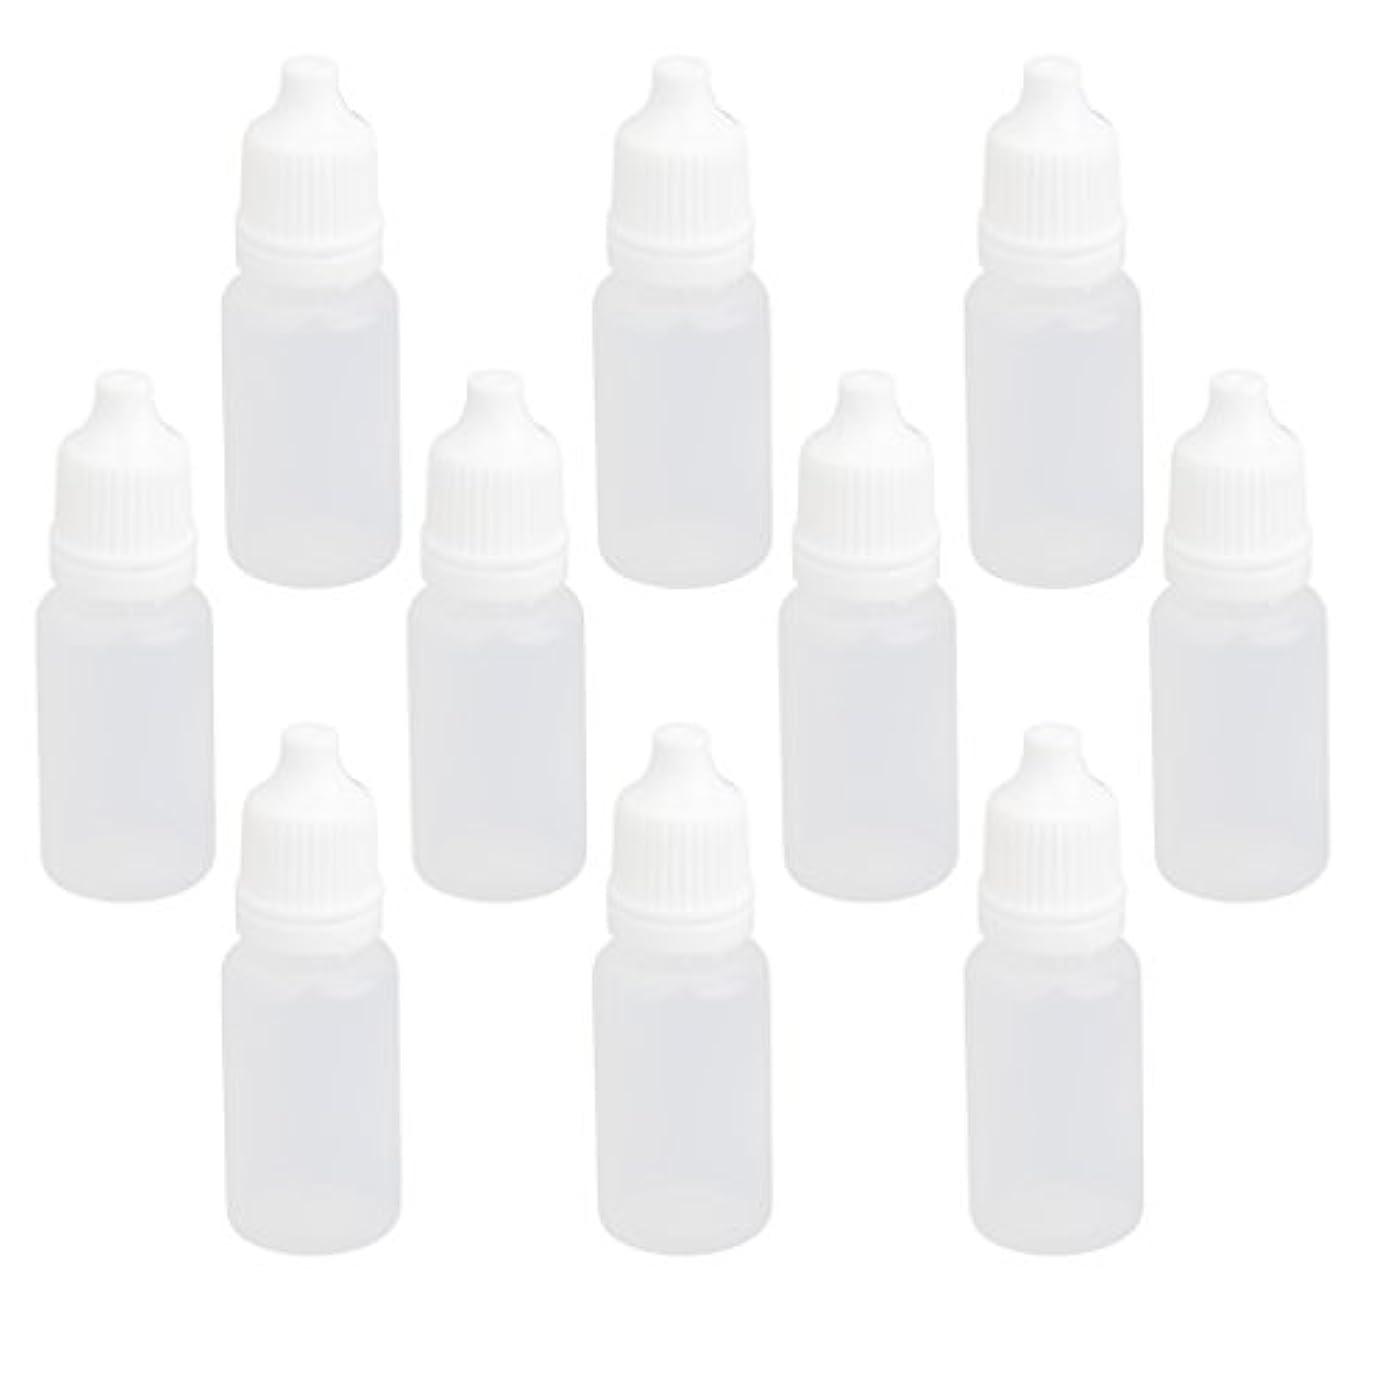 占める行商退屈【ノーブランド品】ドロッパーボトル 点眼 液体 貯蔵用 滴瓶 プラスチック製 10個 (10ml)